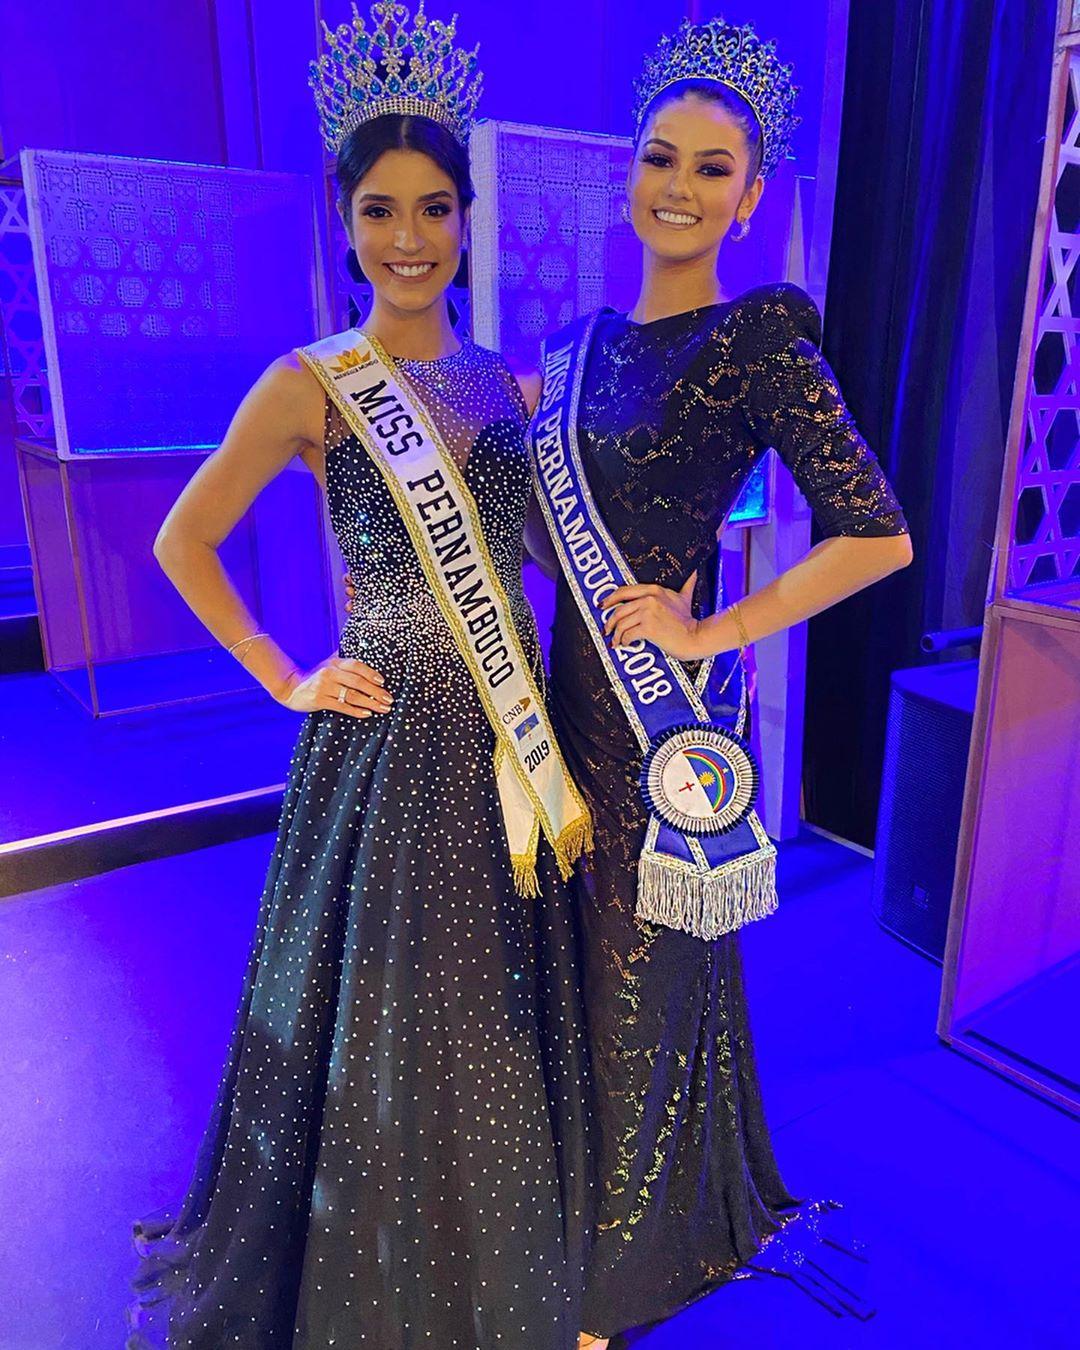 eslovenia marques, top 9 de miss grand brasil 2019. - Página 15 90360310